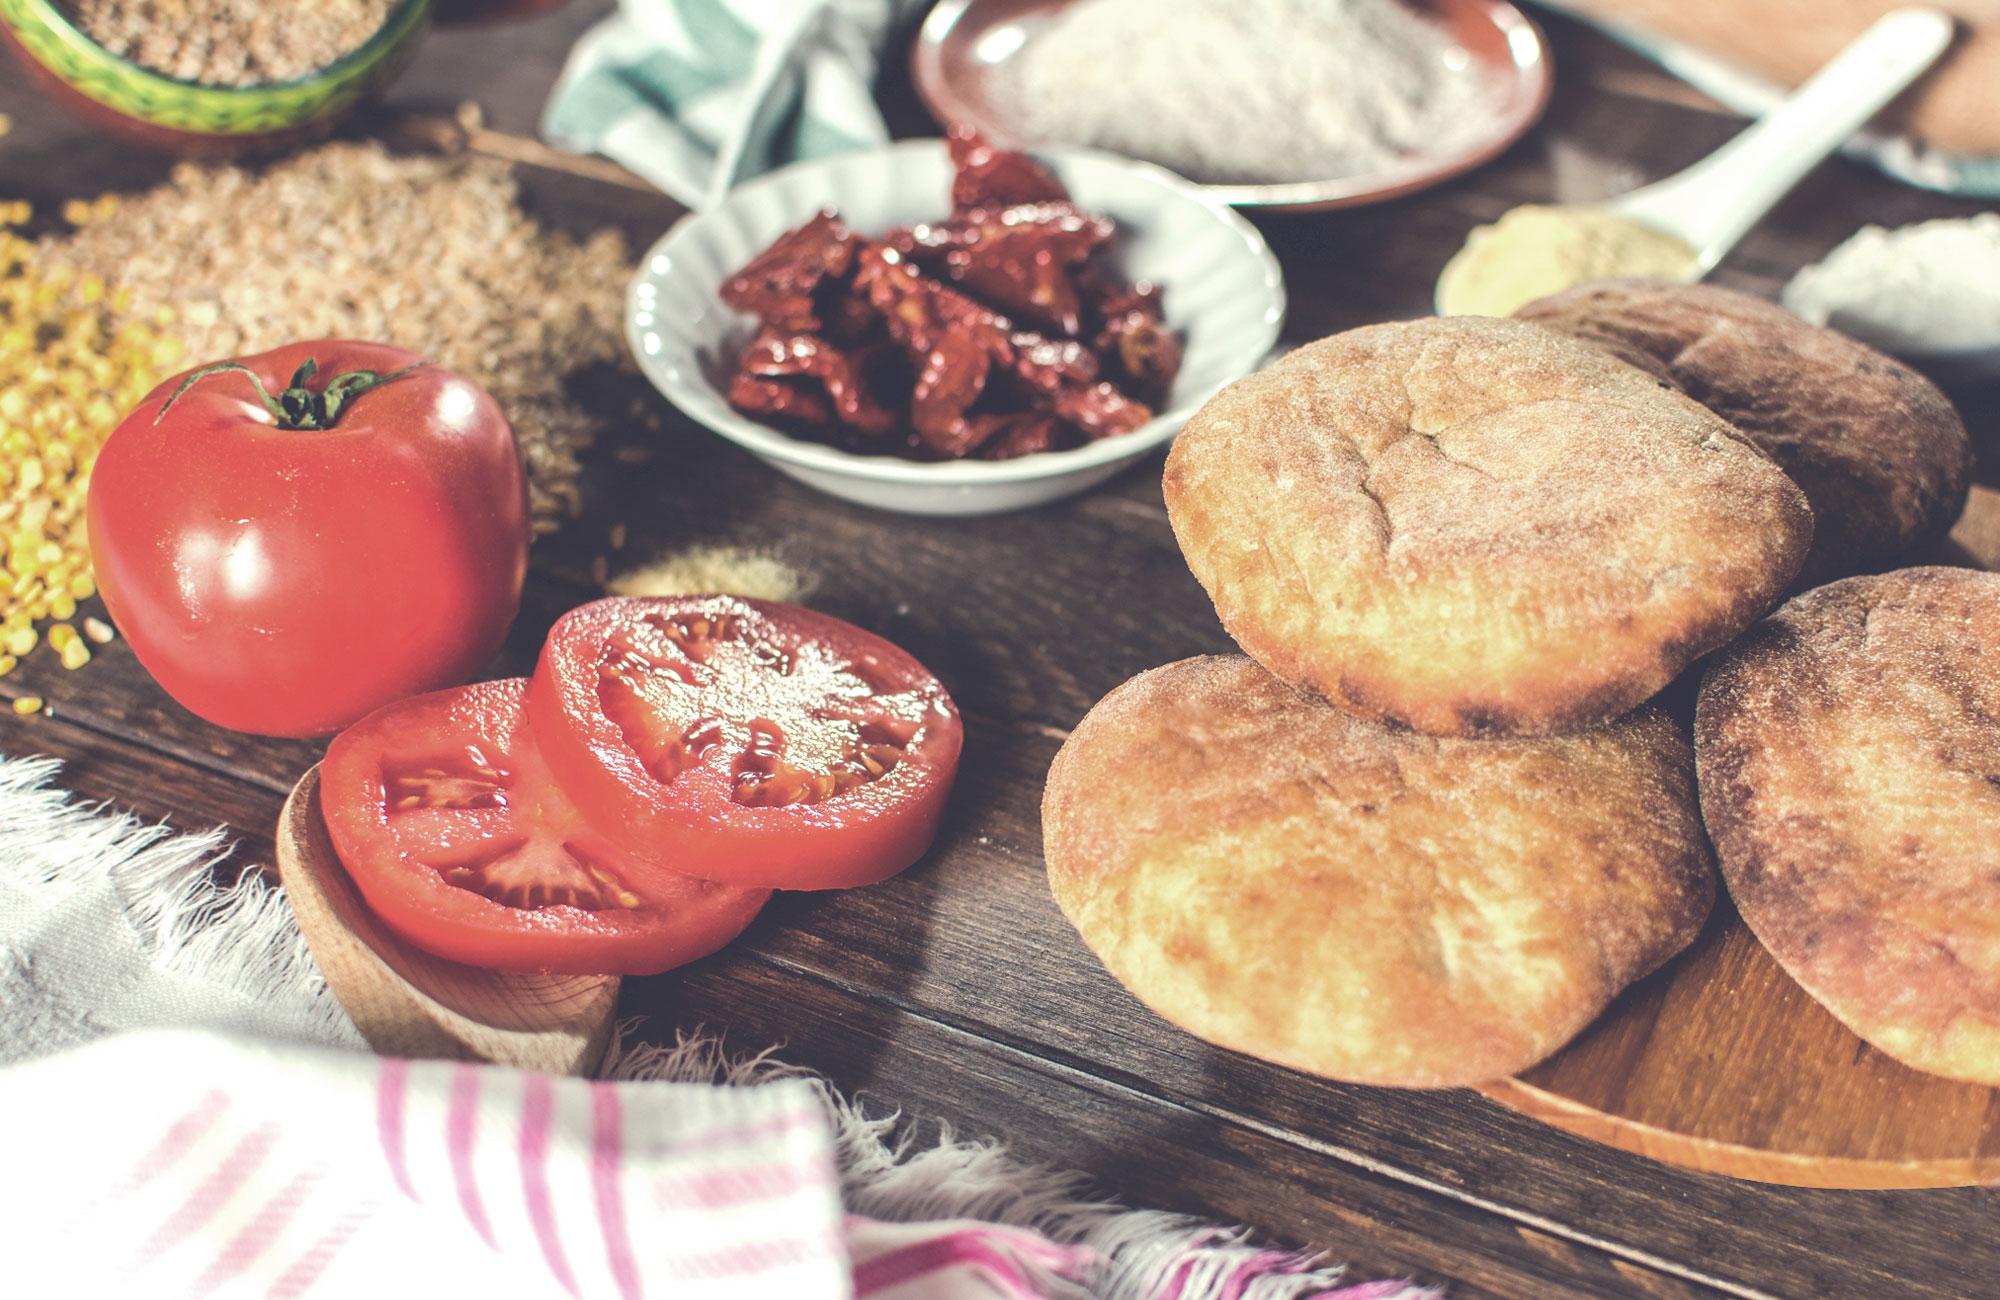 πίτες για σουβλάκια, souvlaki, souvlaki pita, pitaki, πιτακι, πιτακια